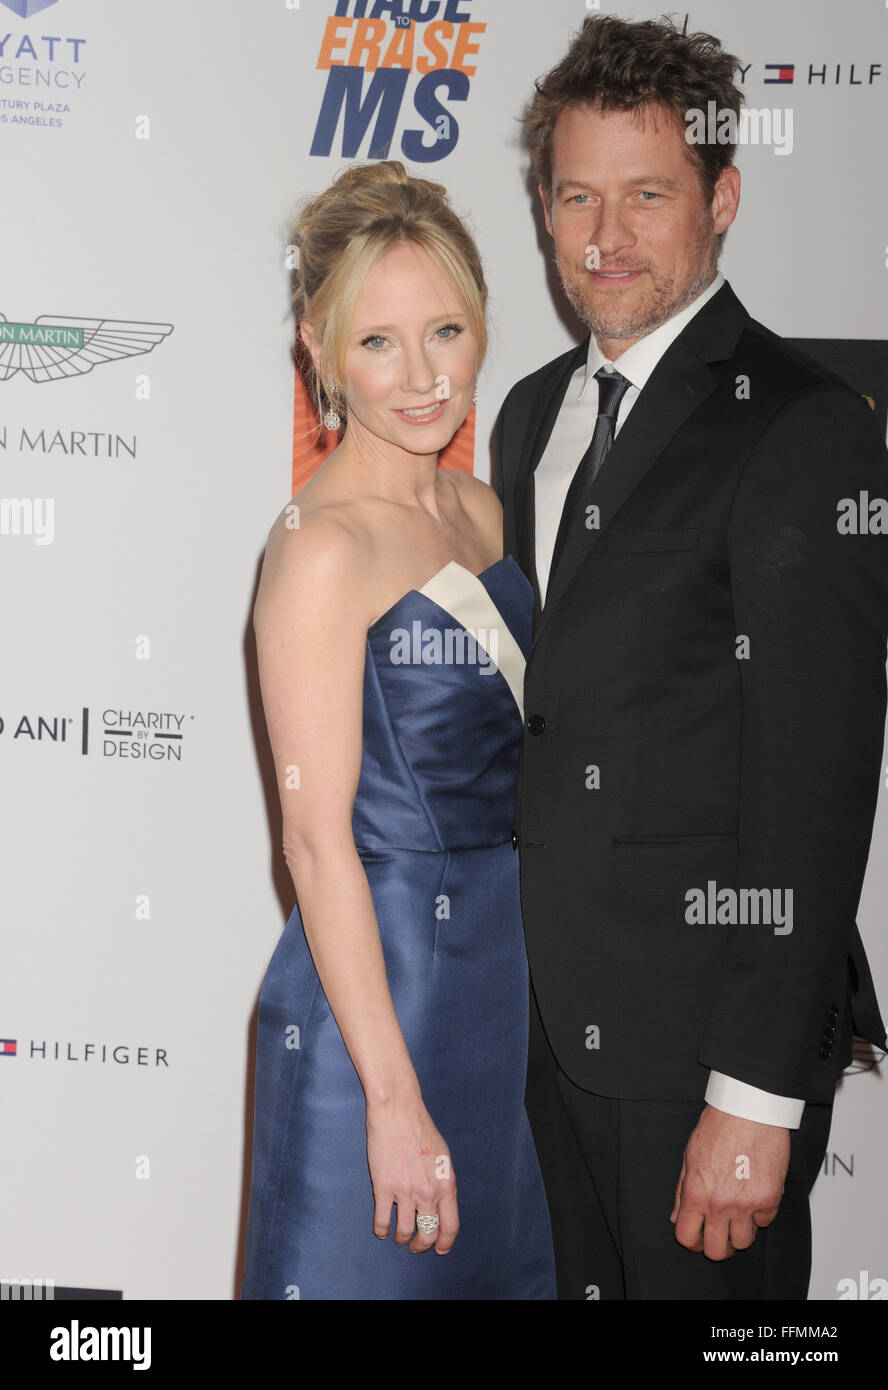 Schauspieler Anne Heche (L) und James Tupper kommen an der 22. jährlichen Rennen zu löschen MS an der Stockbild